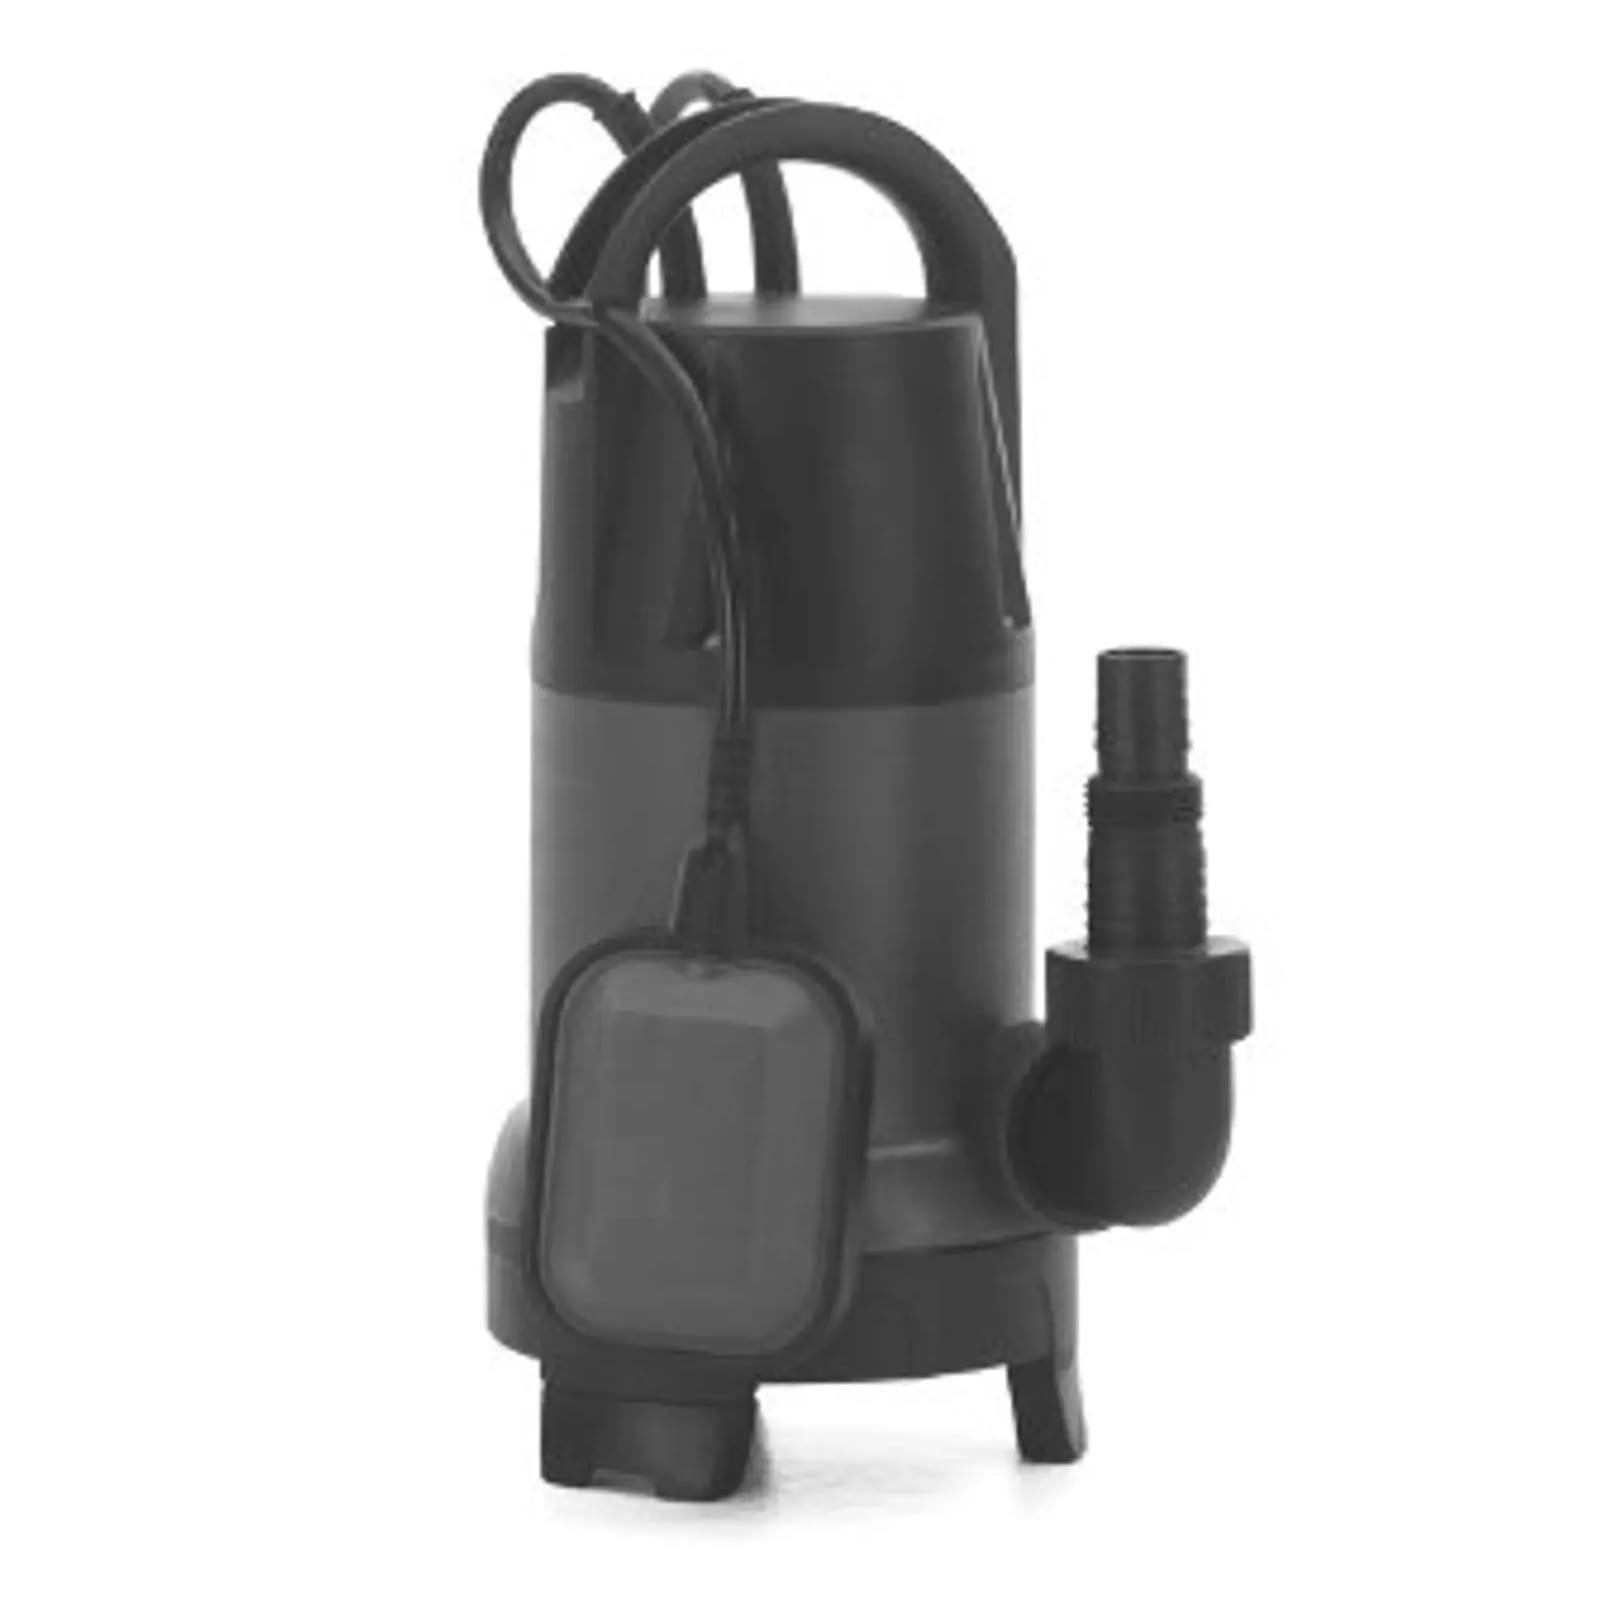 Bomba de achique sumergible 7000l/h DRENAP 10-9 MA Baico